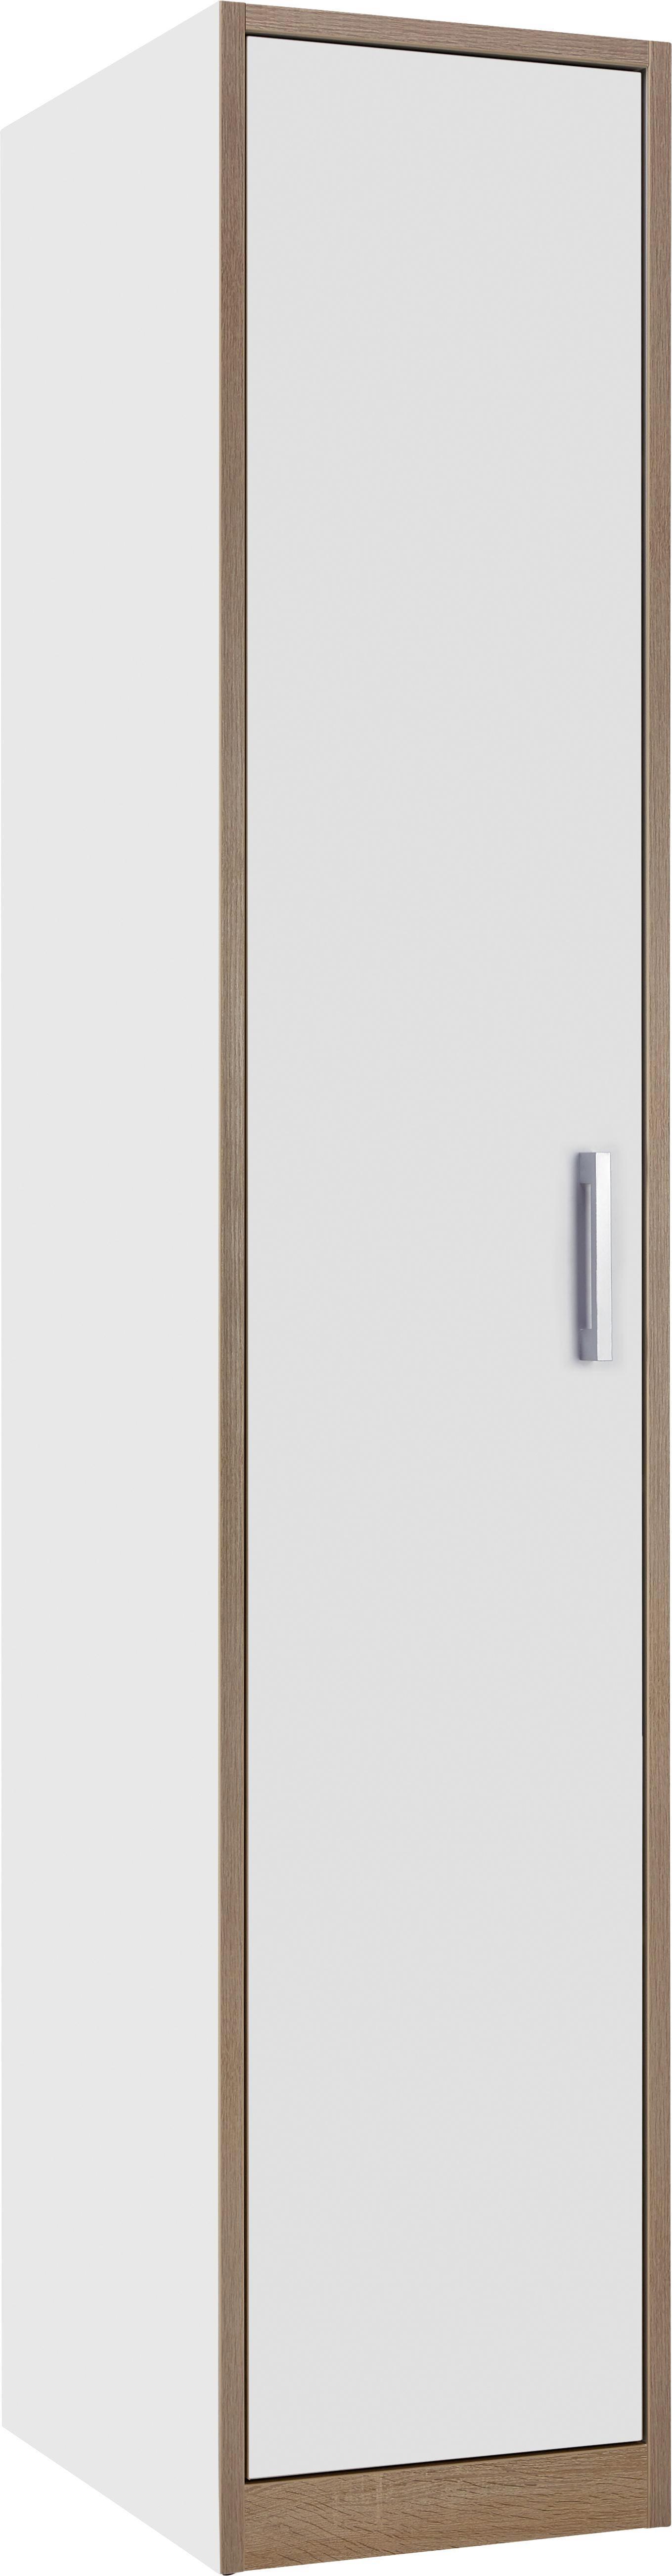 Schrank in Weiß/Eiche - Eichefarben/Weiß, KONVENTIONELL, Holzwerkstoff/Kunststoff (40/205/55cm) - MODERN LIVING